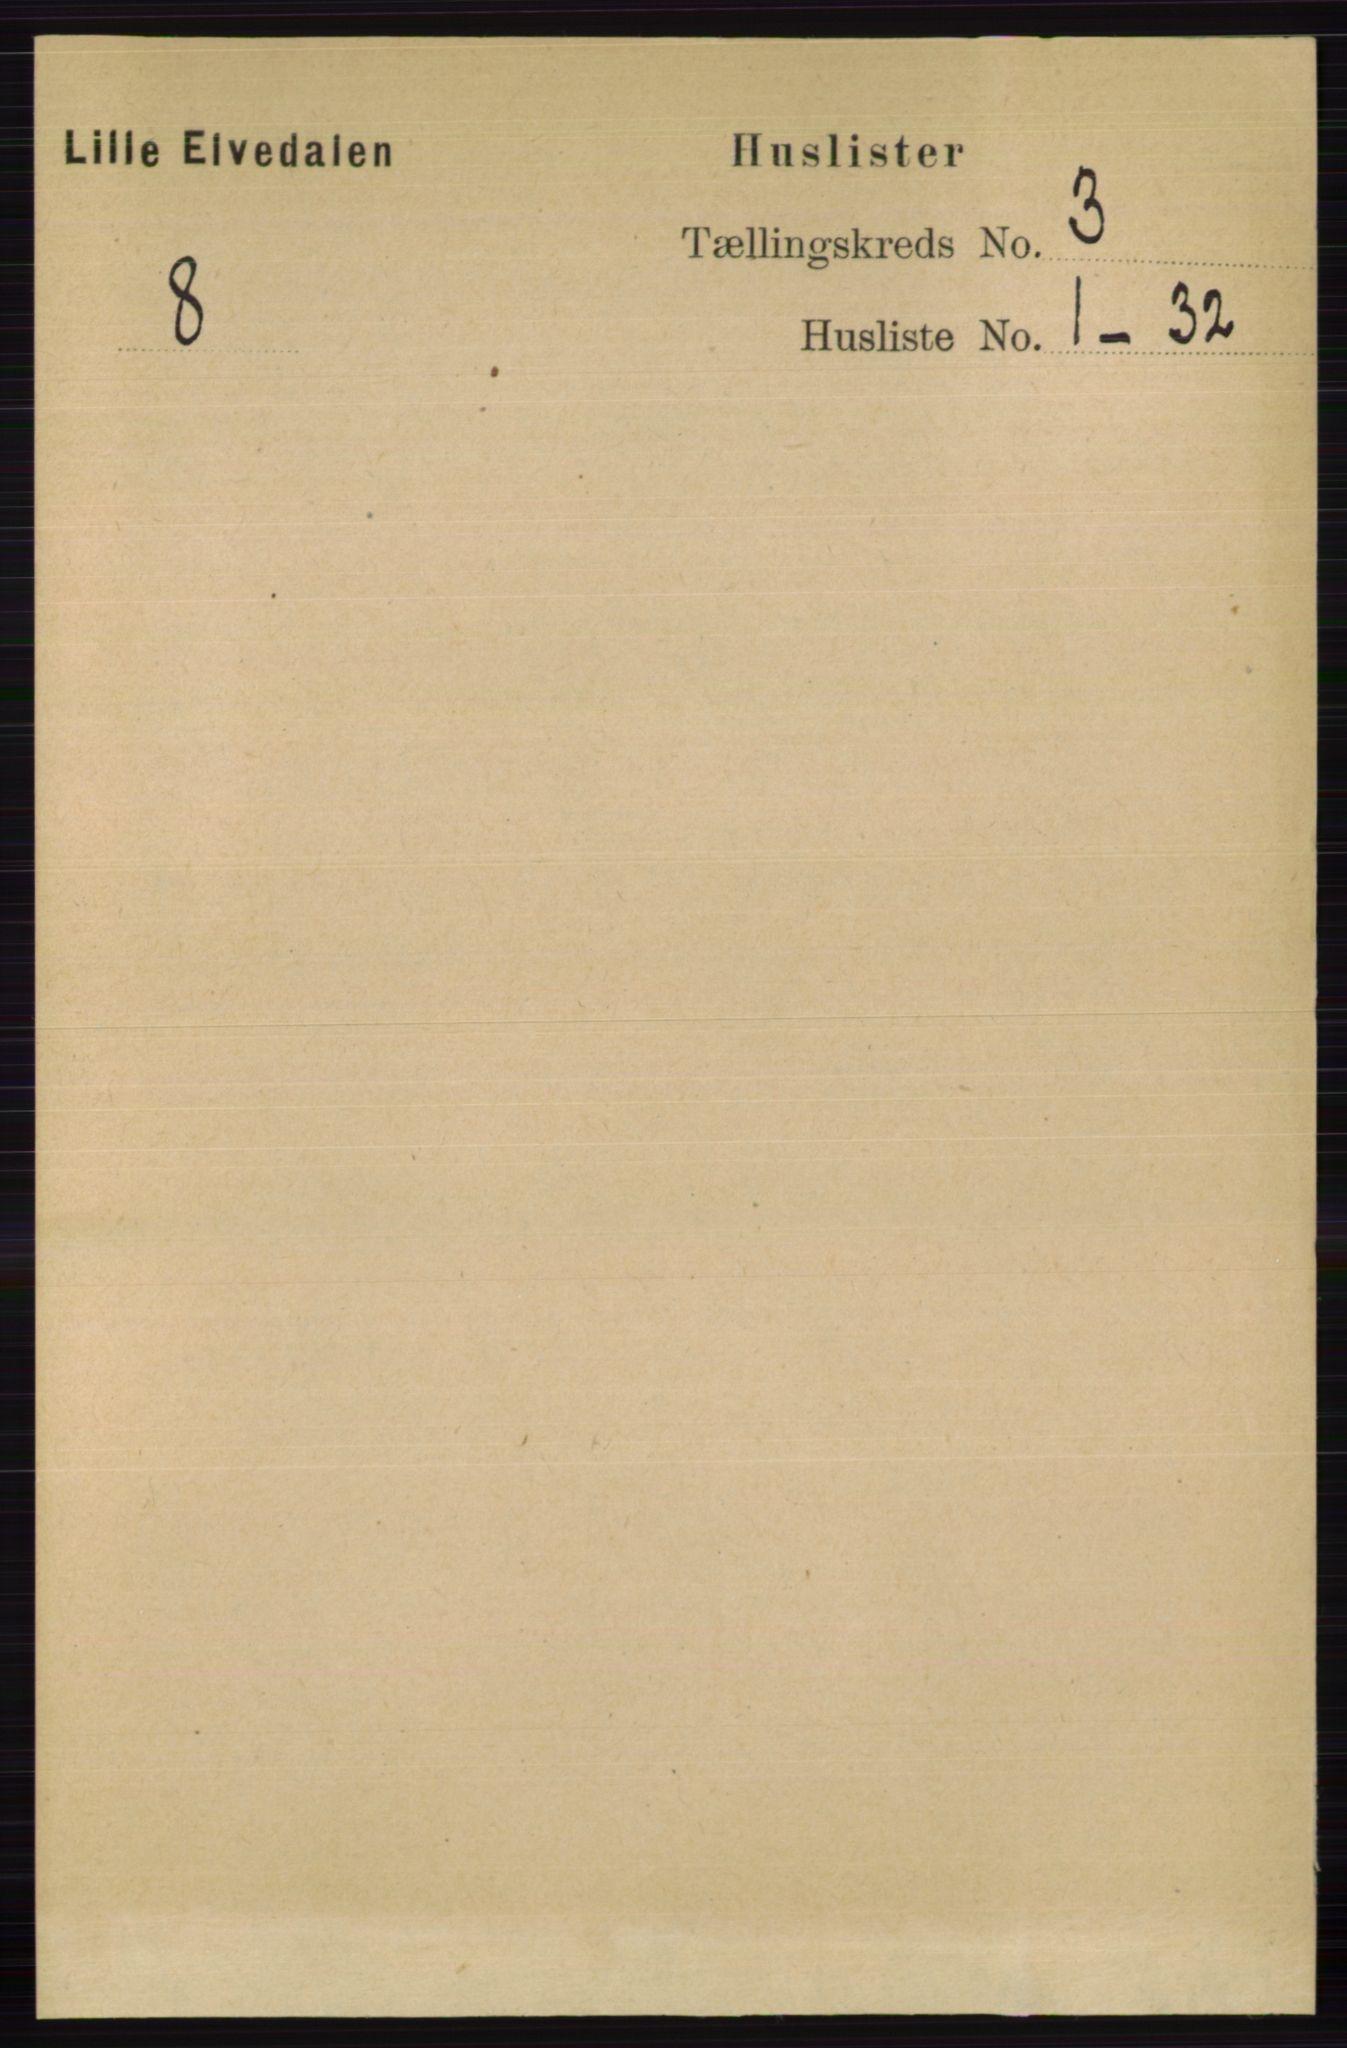 RA, Folketelling 1891 for 0438 Lille Elvedalen herred, 1891, s. 994